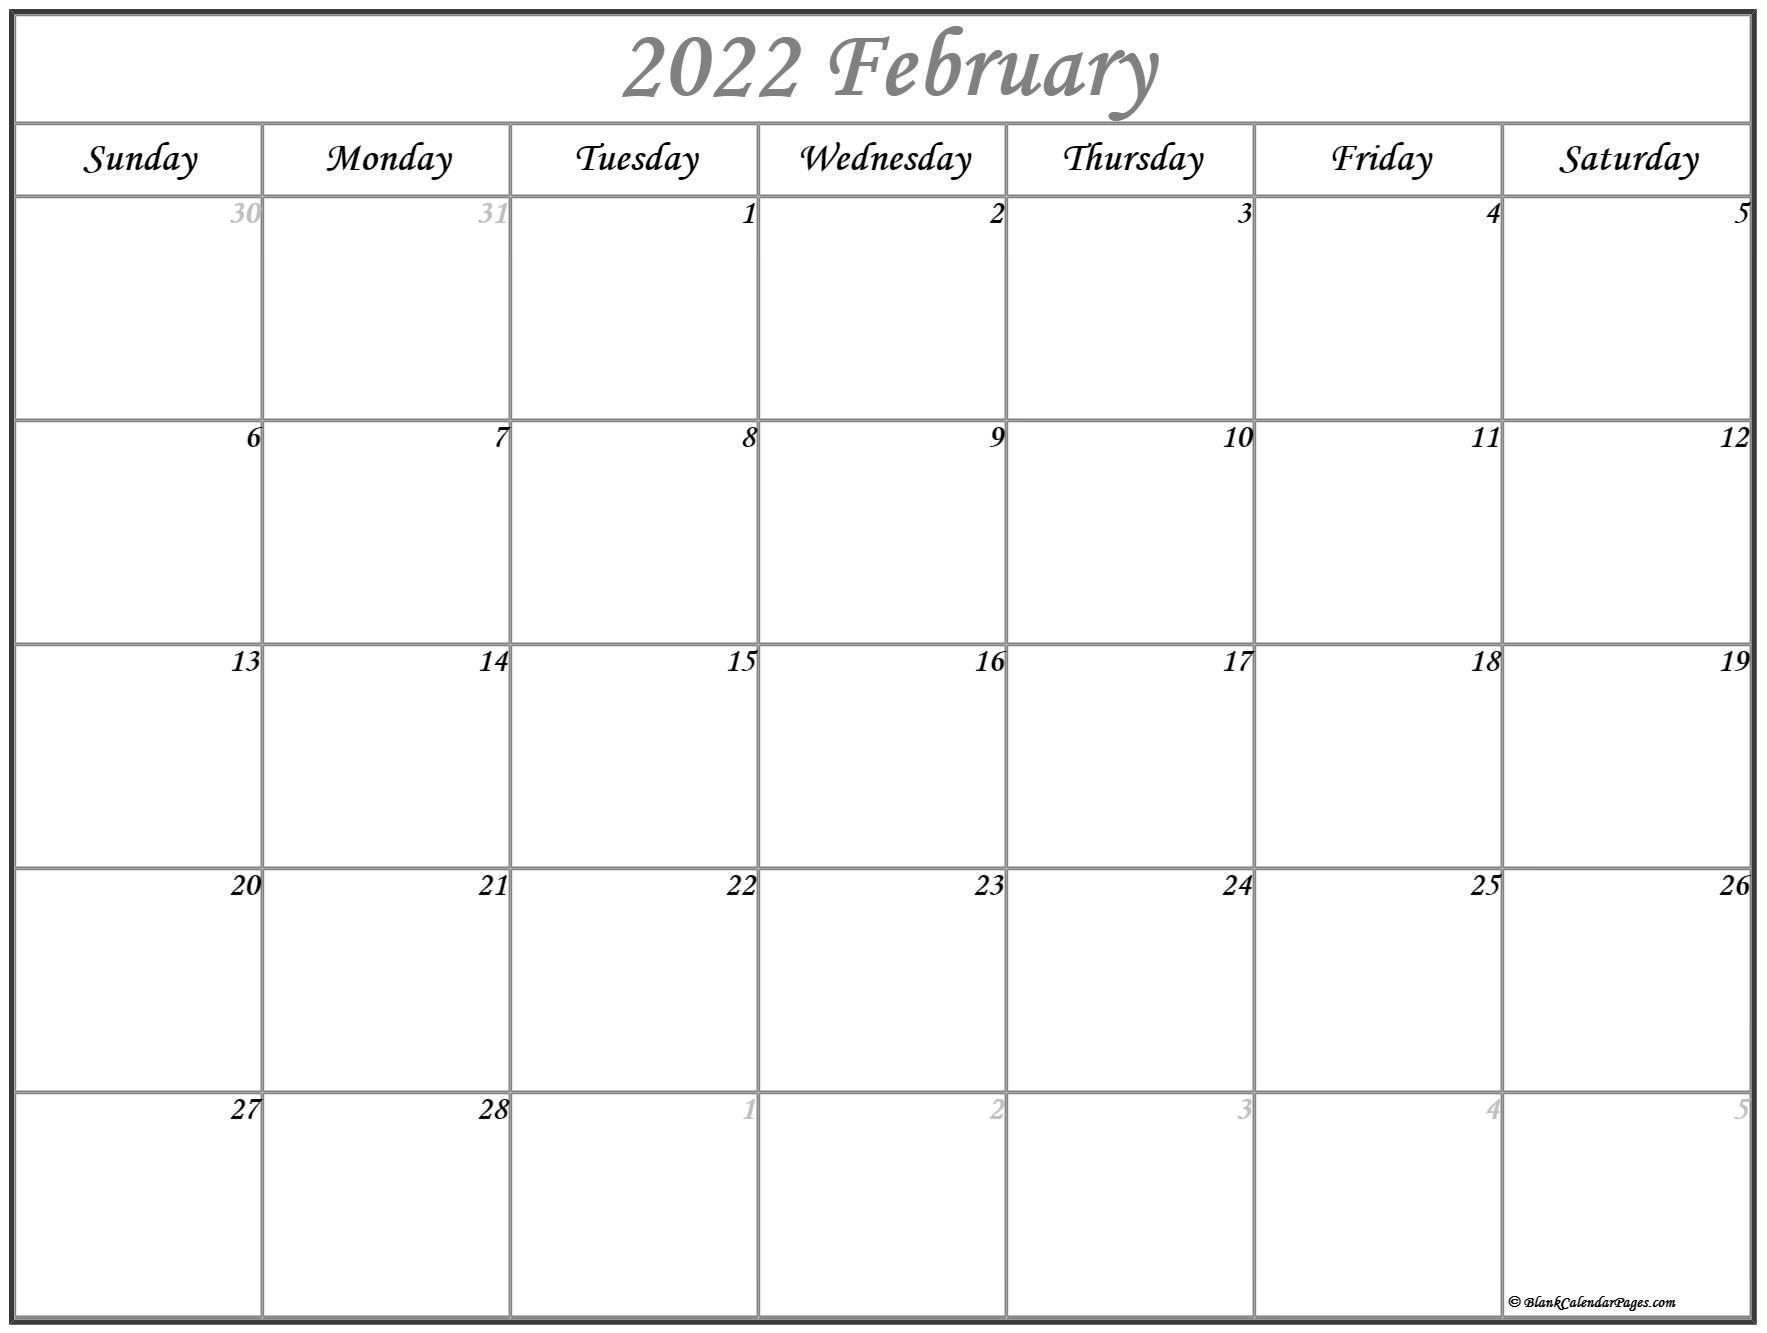 February 2022 Calendar | Free Printable Calendar Templates With Printable February 2022 Calendar